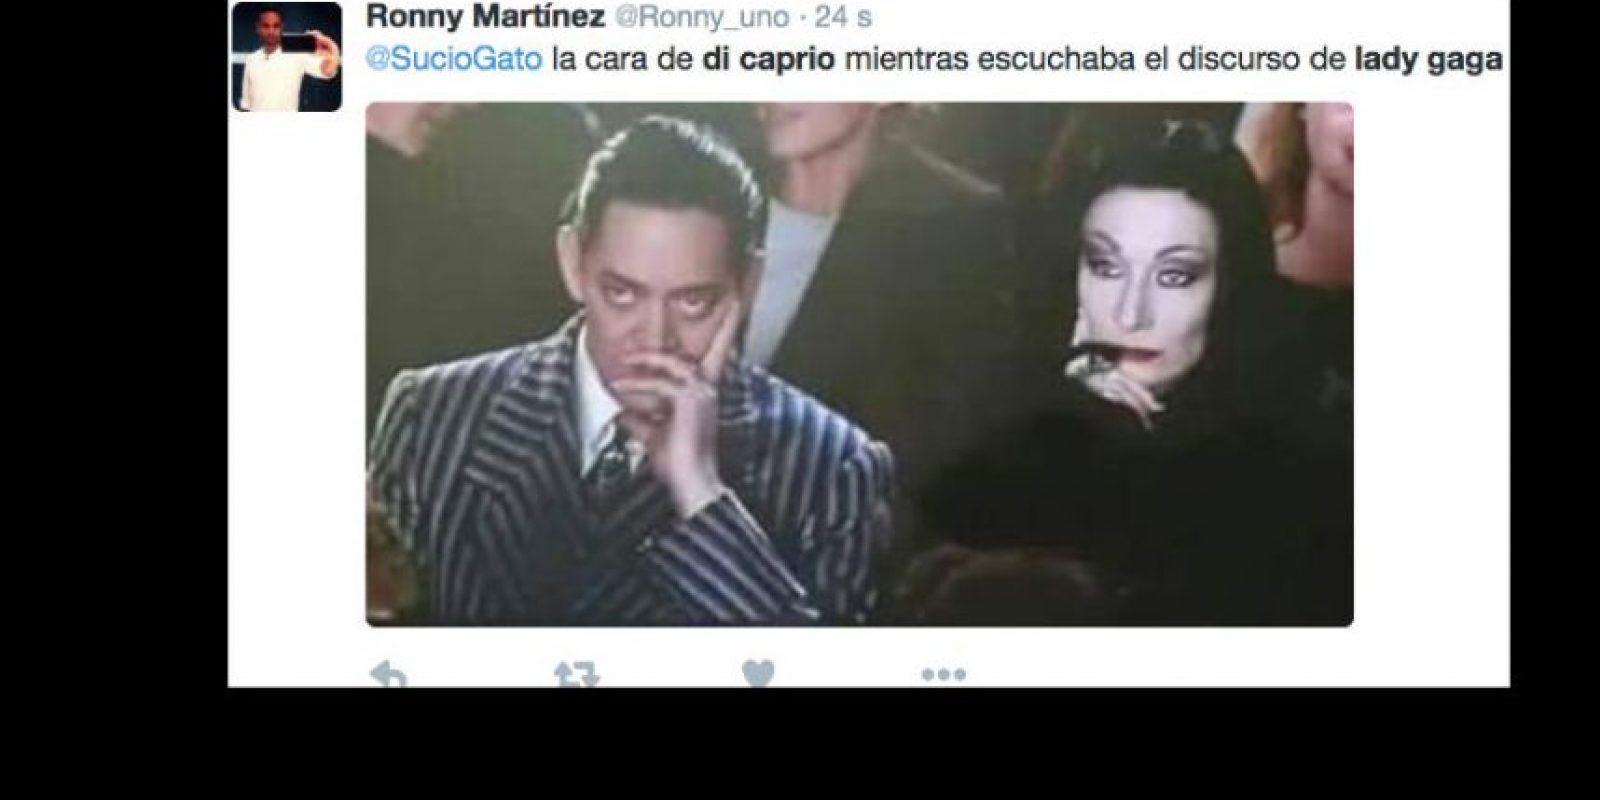 Sobre todo al imaginar la reacción de DiCaprio. Foto:vía Twitter. Imagen Por: